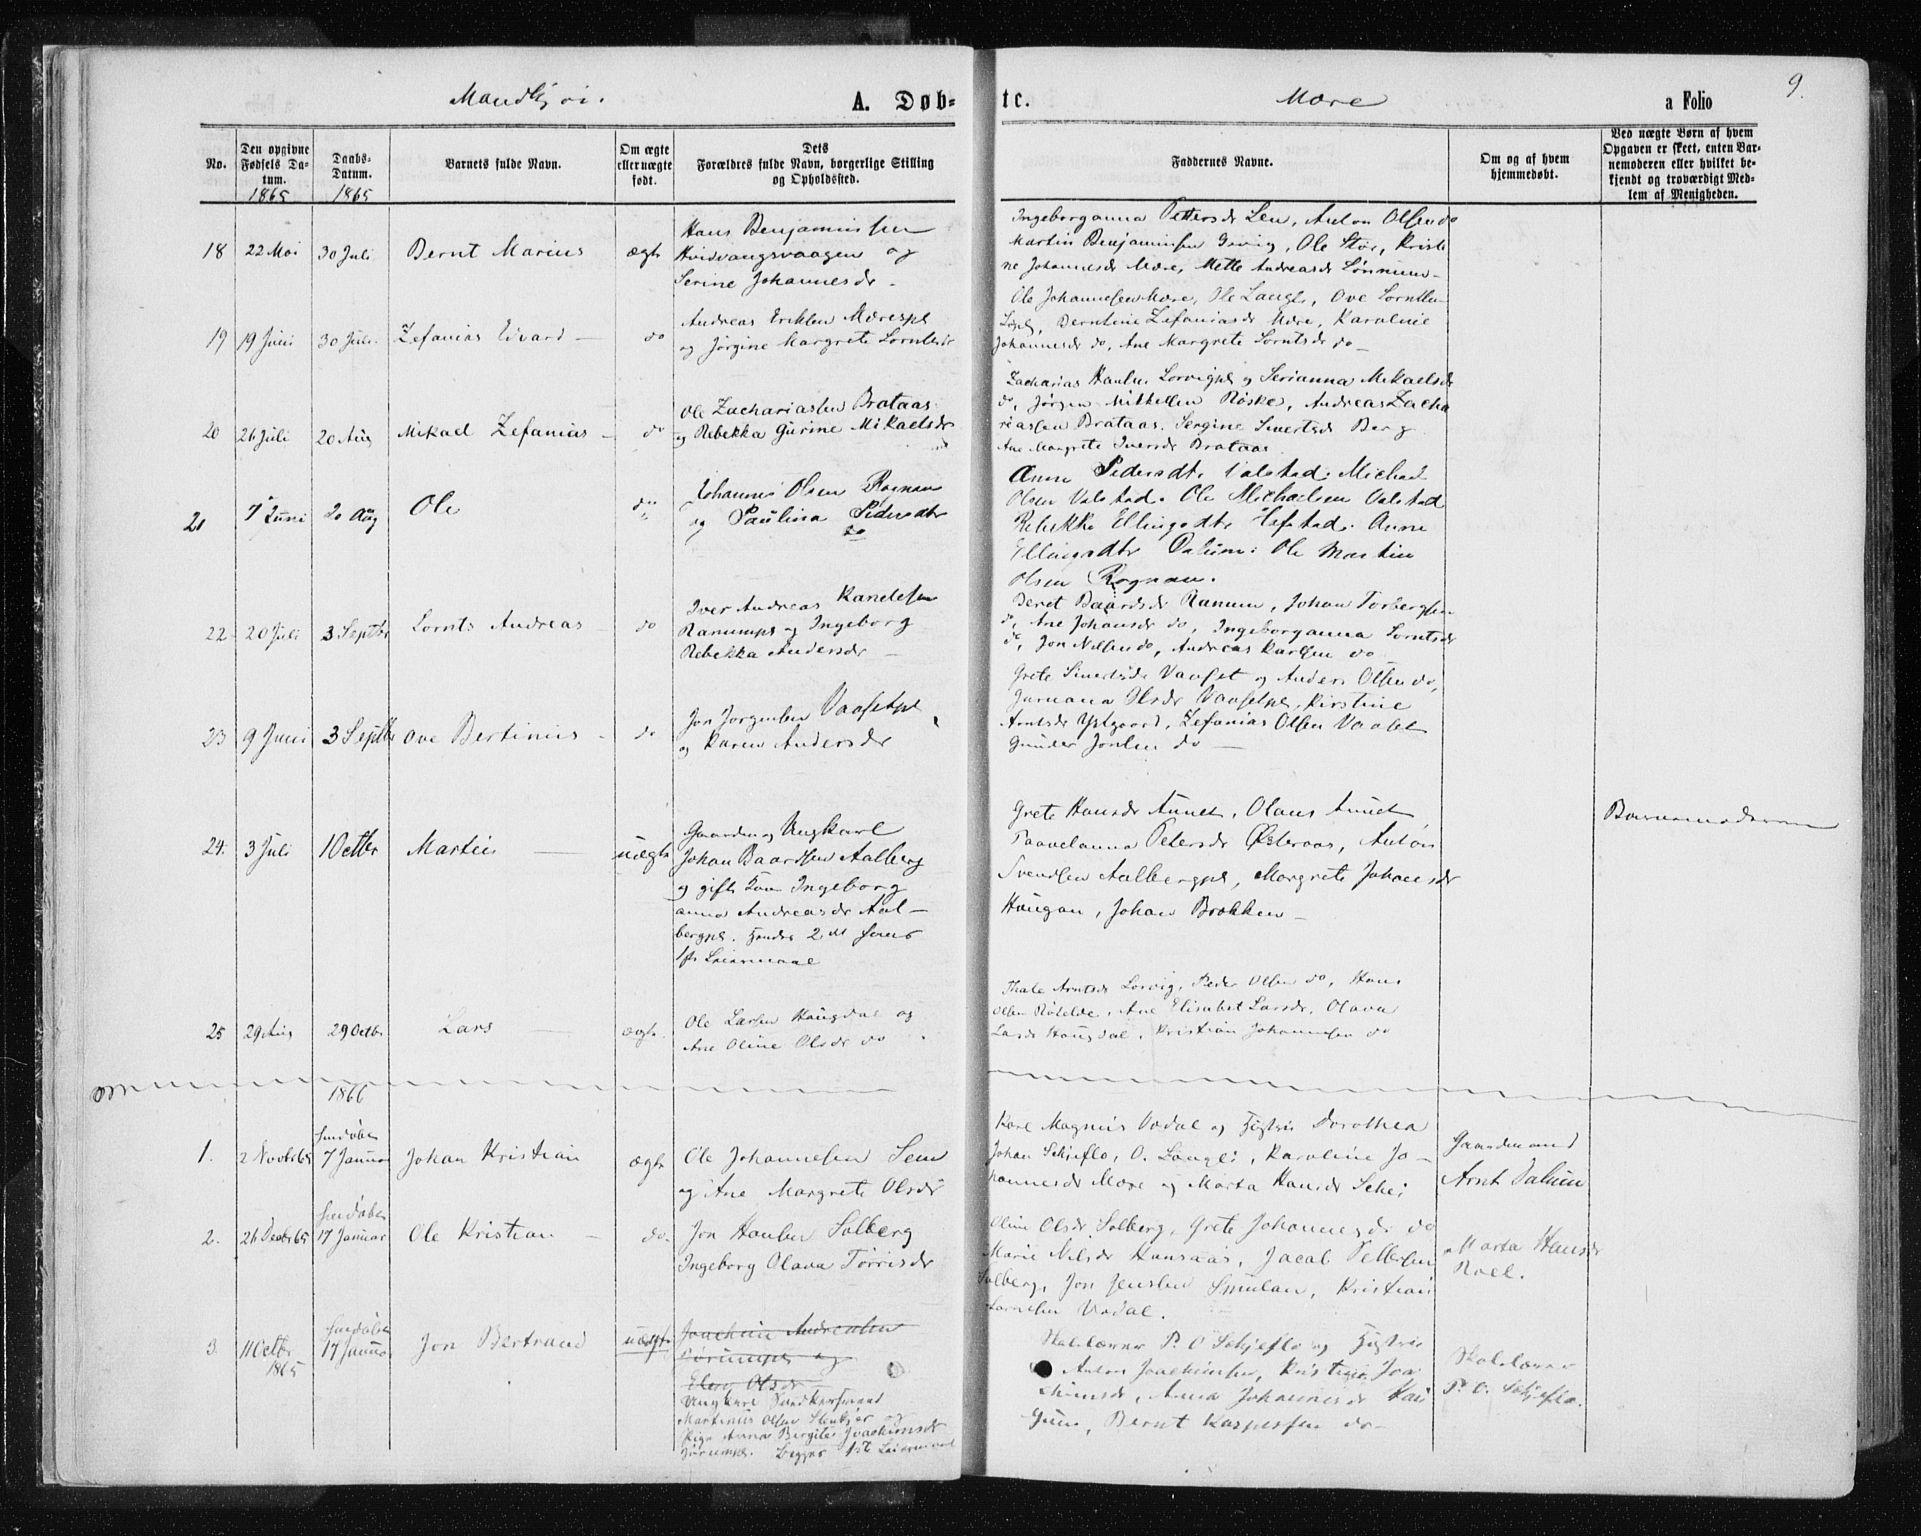 SAT, Ministerialprotokoller, klokkerbøker og fødselsregistre - Nord-Trøndelag, 735/L0345: Ministerialbok nr. 735A08 /1, 1863-1872, s. 9